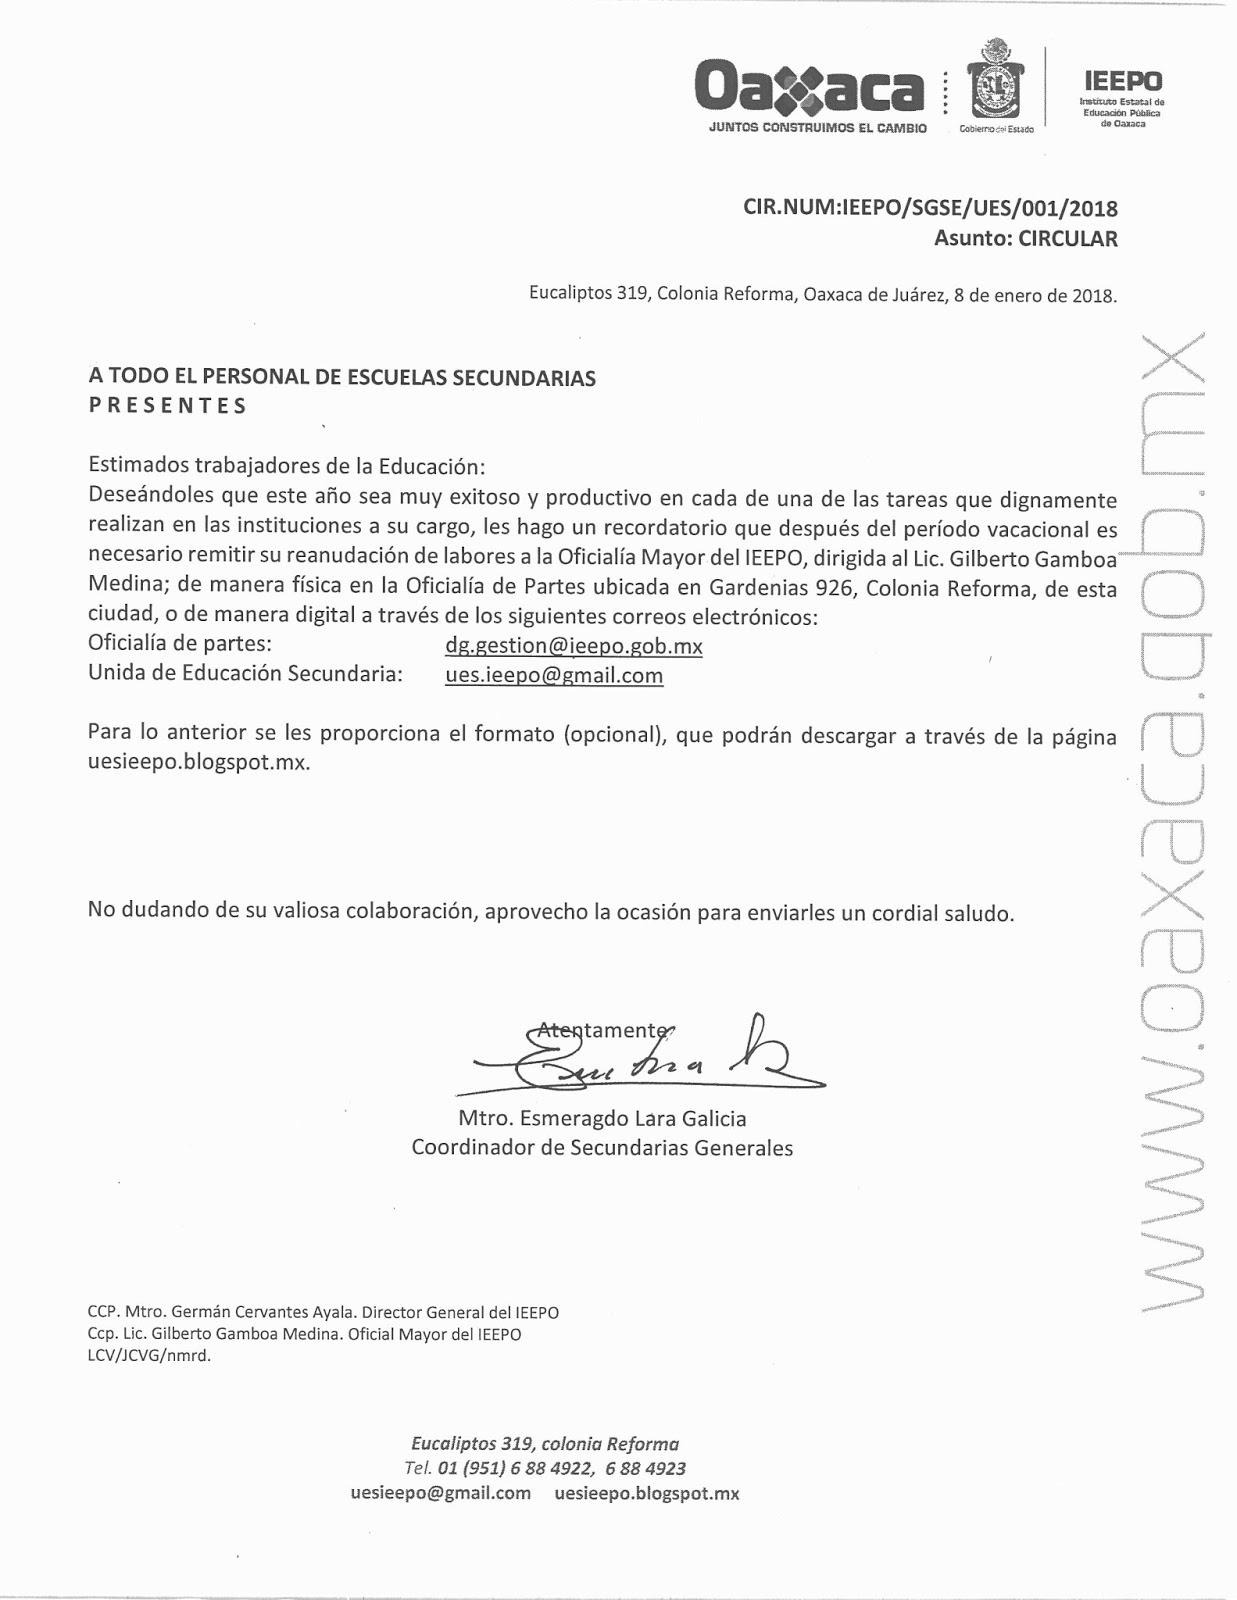 Unidad de Educación Secundaria - IEEPO: CIRCULAR. REANUDACIÓN DE LABORES